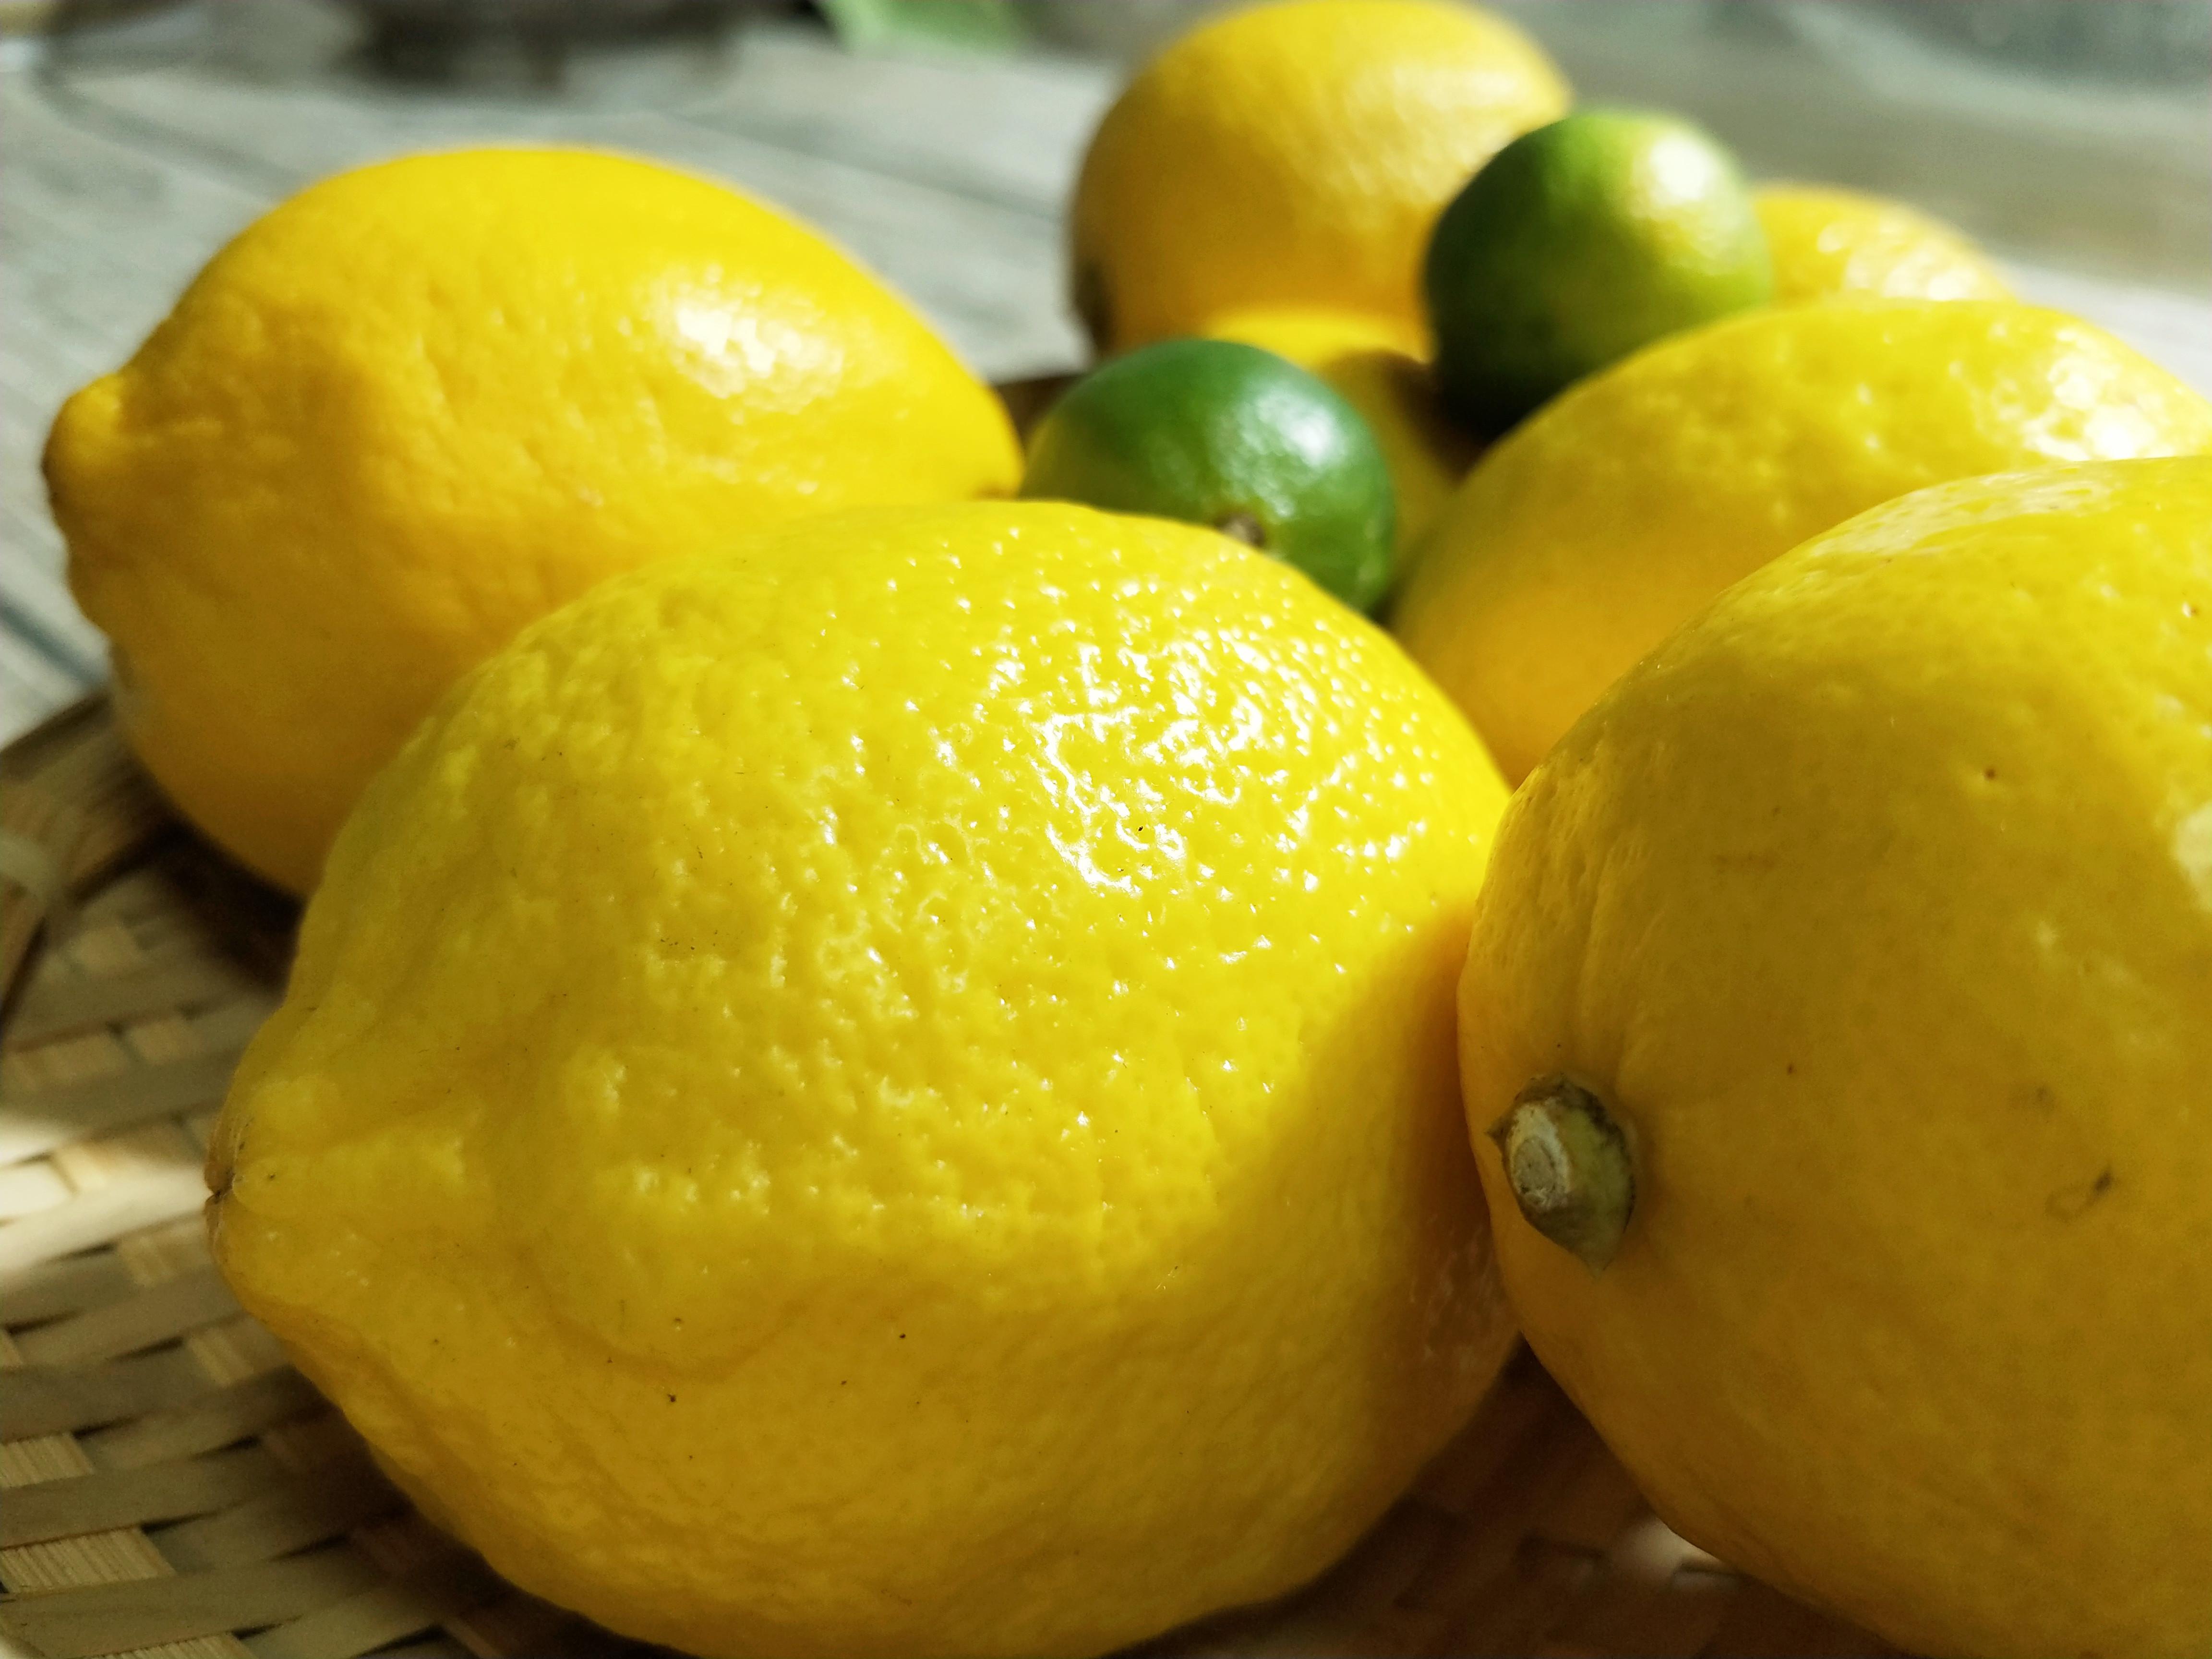 柠檬怎么清洗才干净?